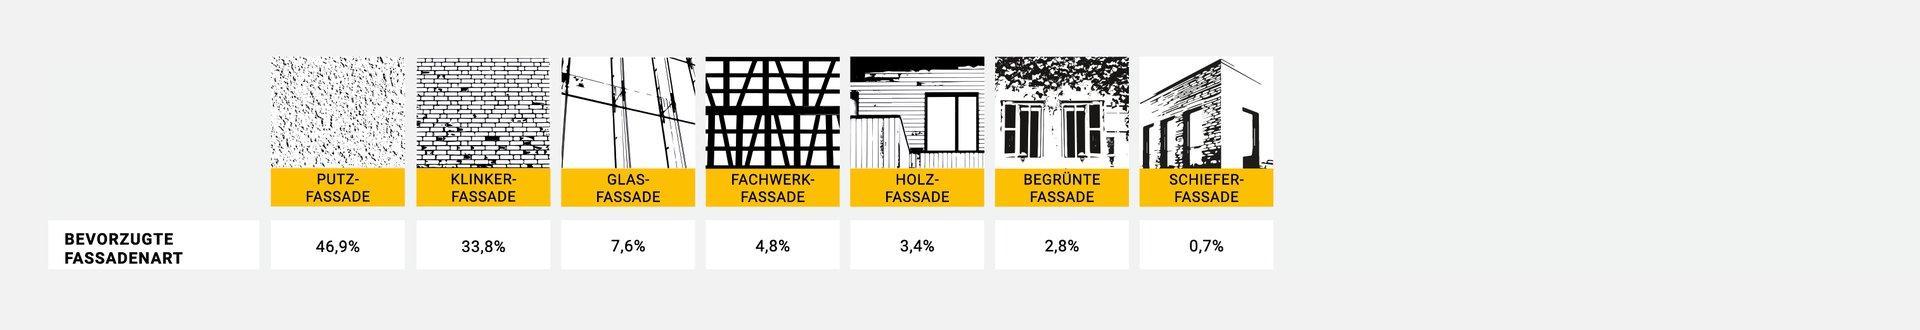 Traumimmobilie: Fassadenart